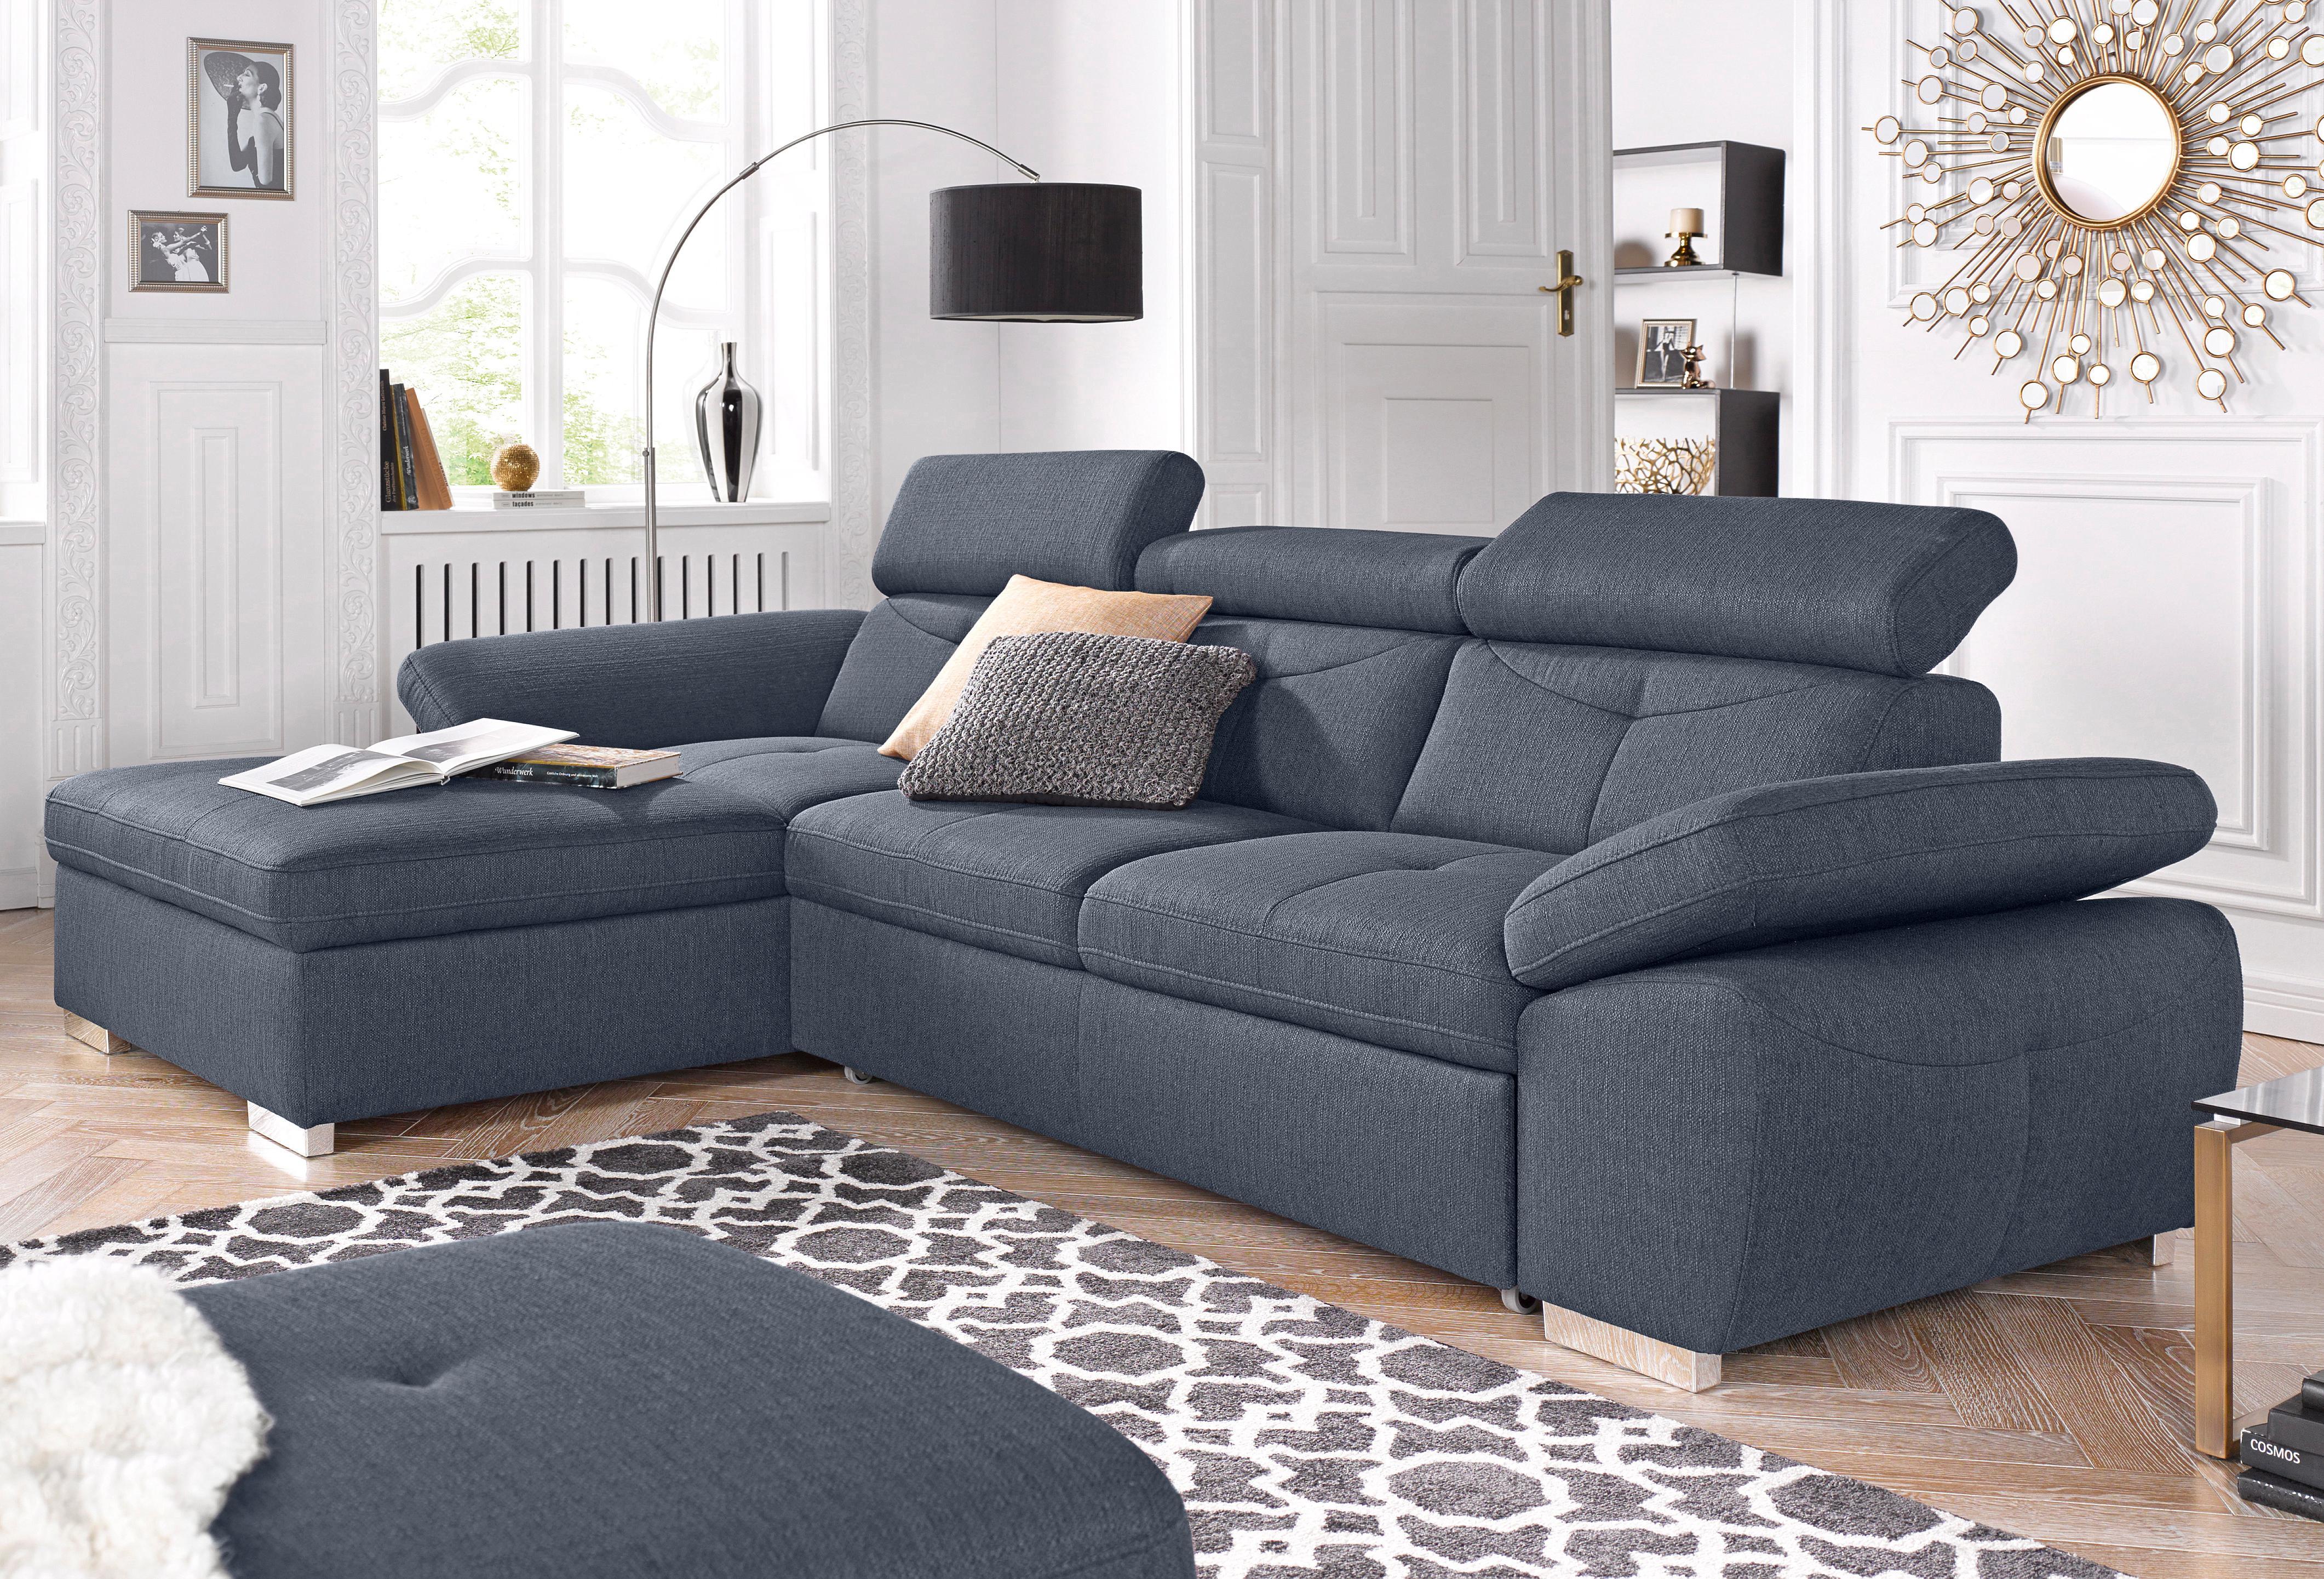 exxpo - sofa fashion Polsterecke, wahlweise mit Bettfunktion   Wohnzimmer > Sofas & Couches > Ecksofas & Eckcouches   Microfaser - Kunstleder   EXXPO SOFA FASHION